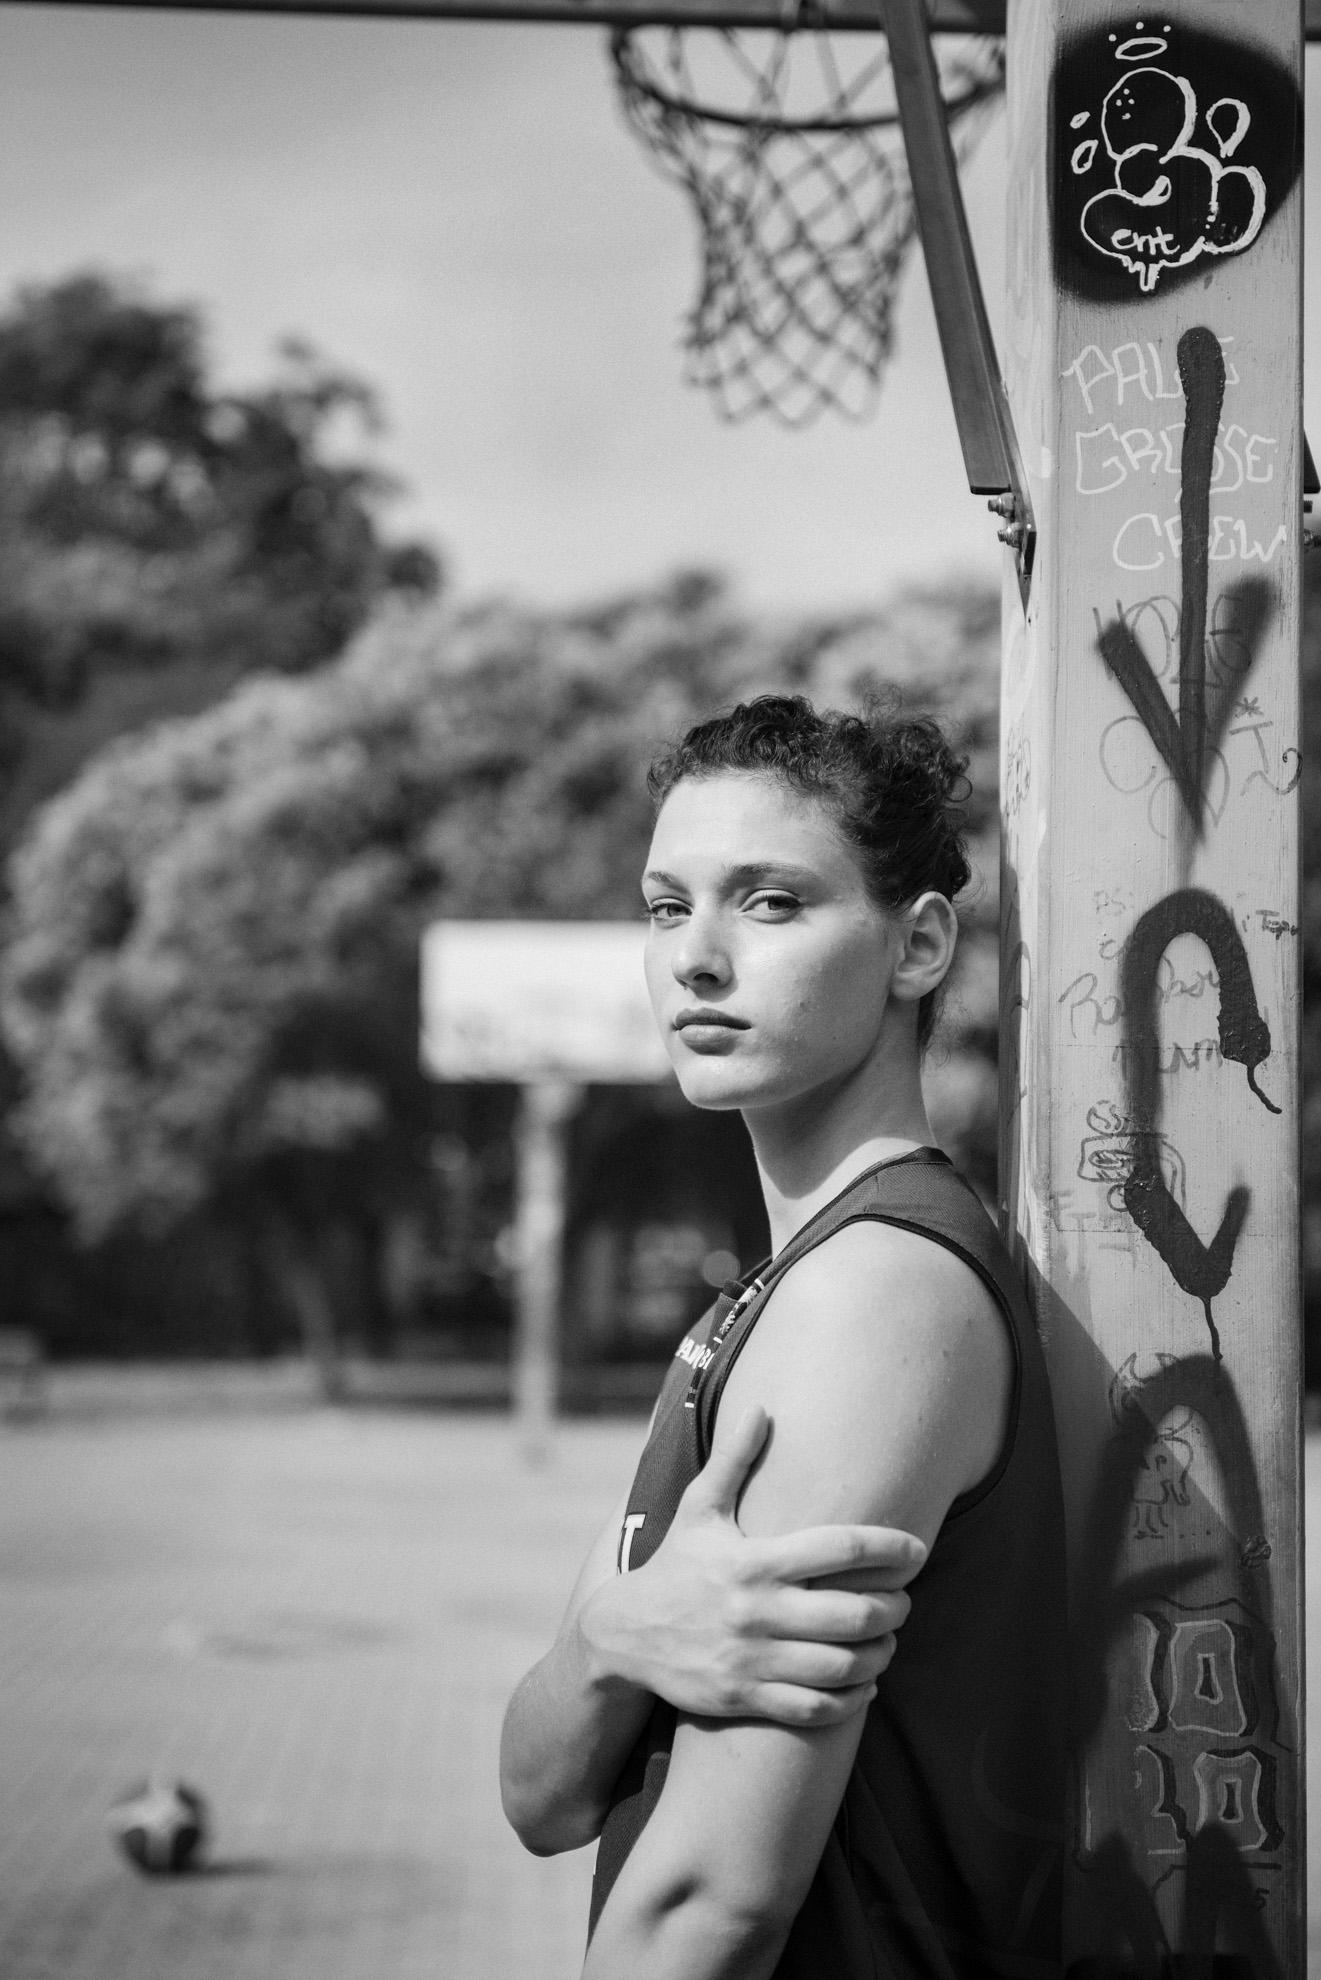 Roma, 2017. La cestista italiana Cecilia Zandalasini. Rome, 2017. Cecilia Zandalasini, Italian basketball player.